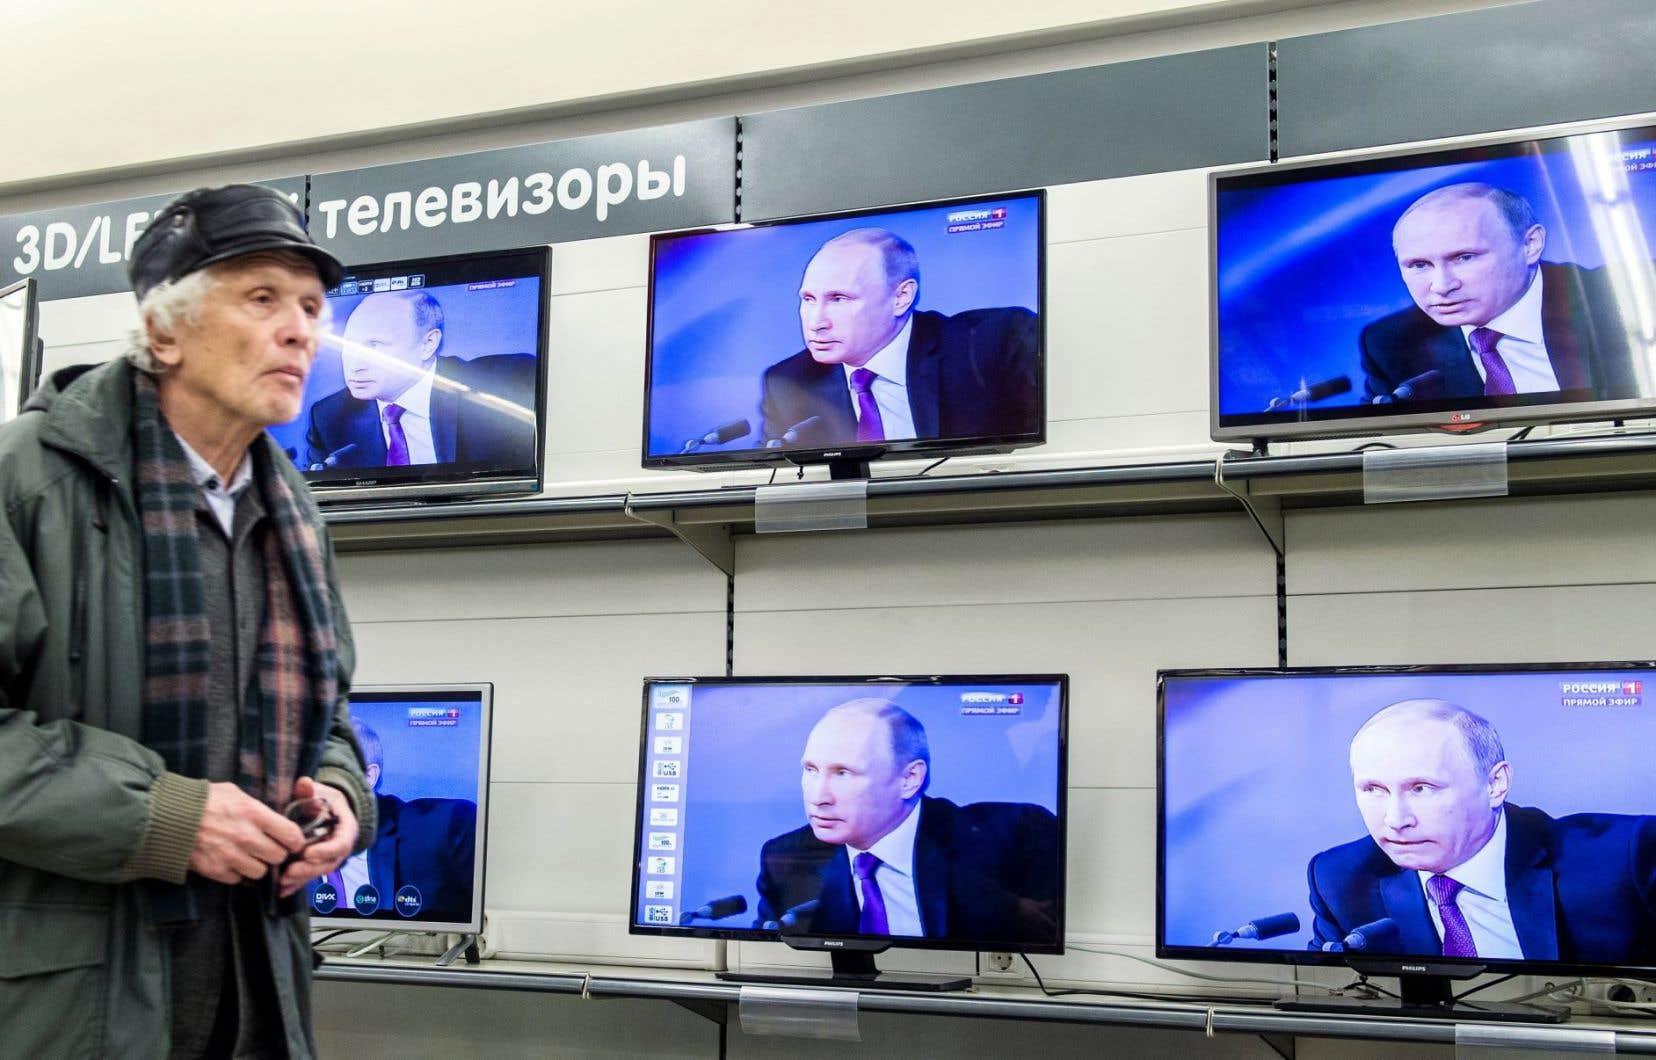 Comme chaque année, Vladimir Poutine a répondu cette semaine aux questions de la population lors d'une émission télé.